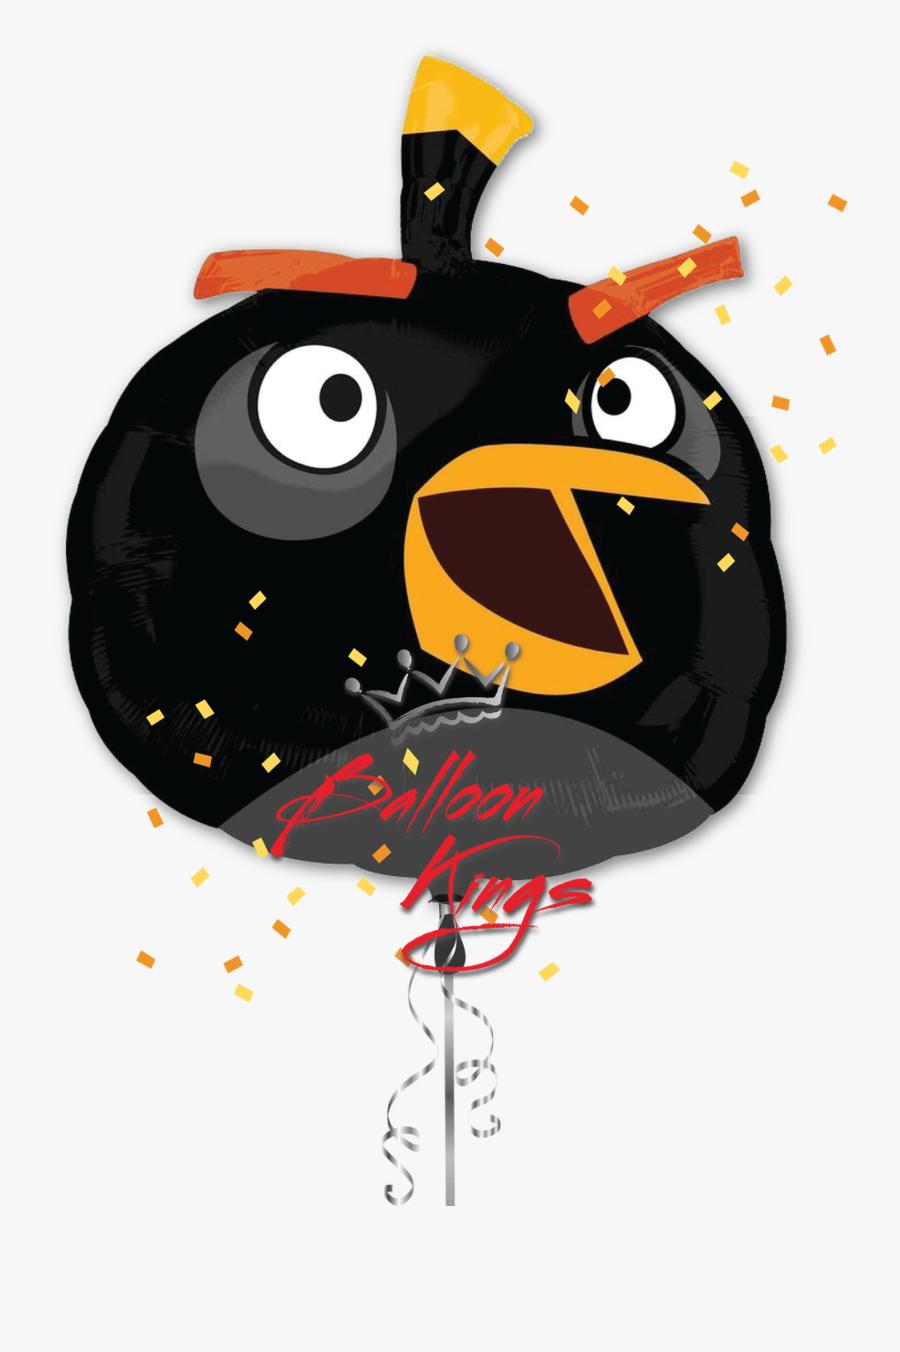 Transparent Angry Bird Png - Angry Birds Black Bird, Transparent Clipart